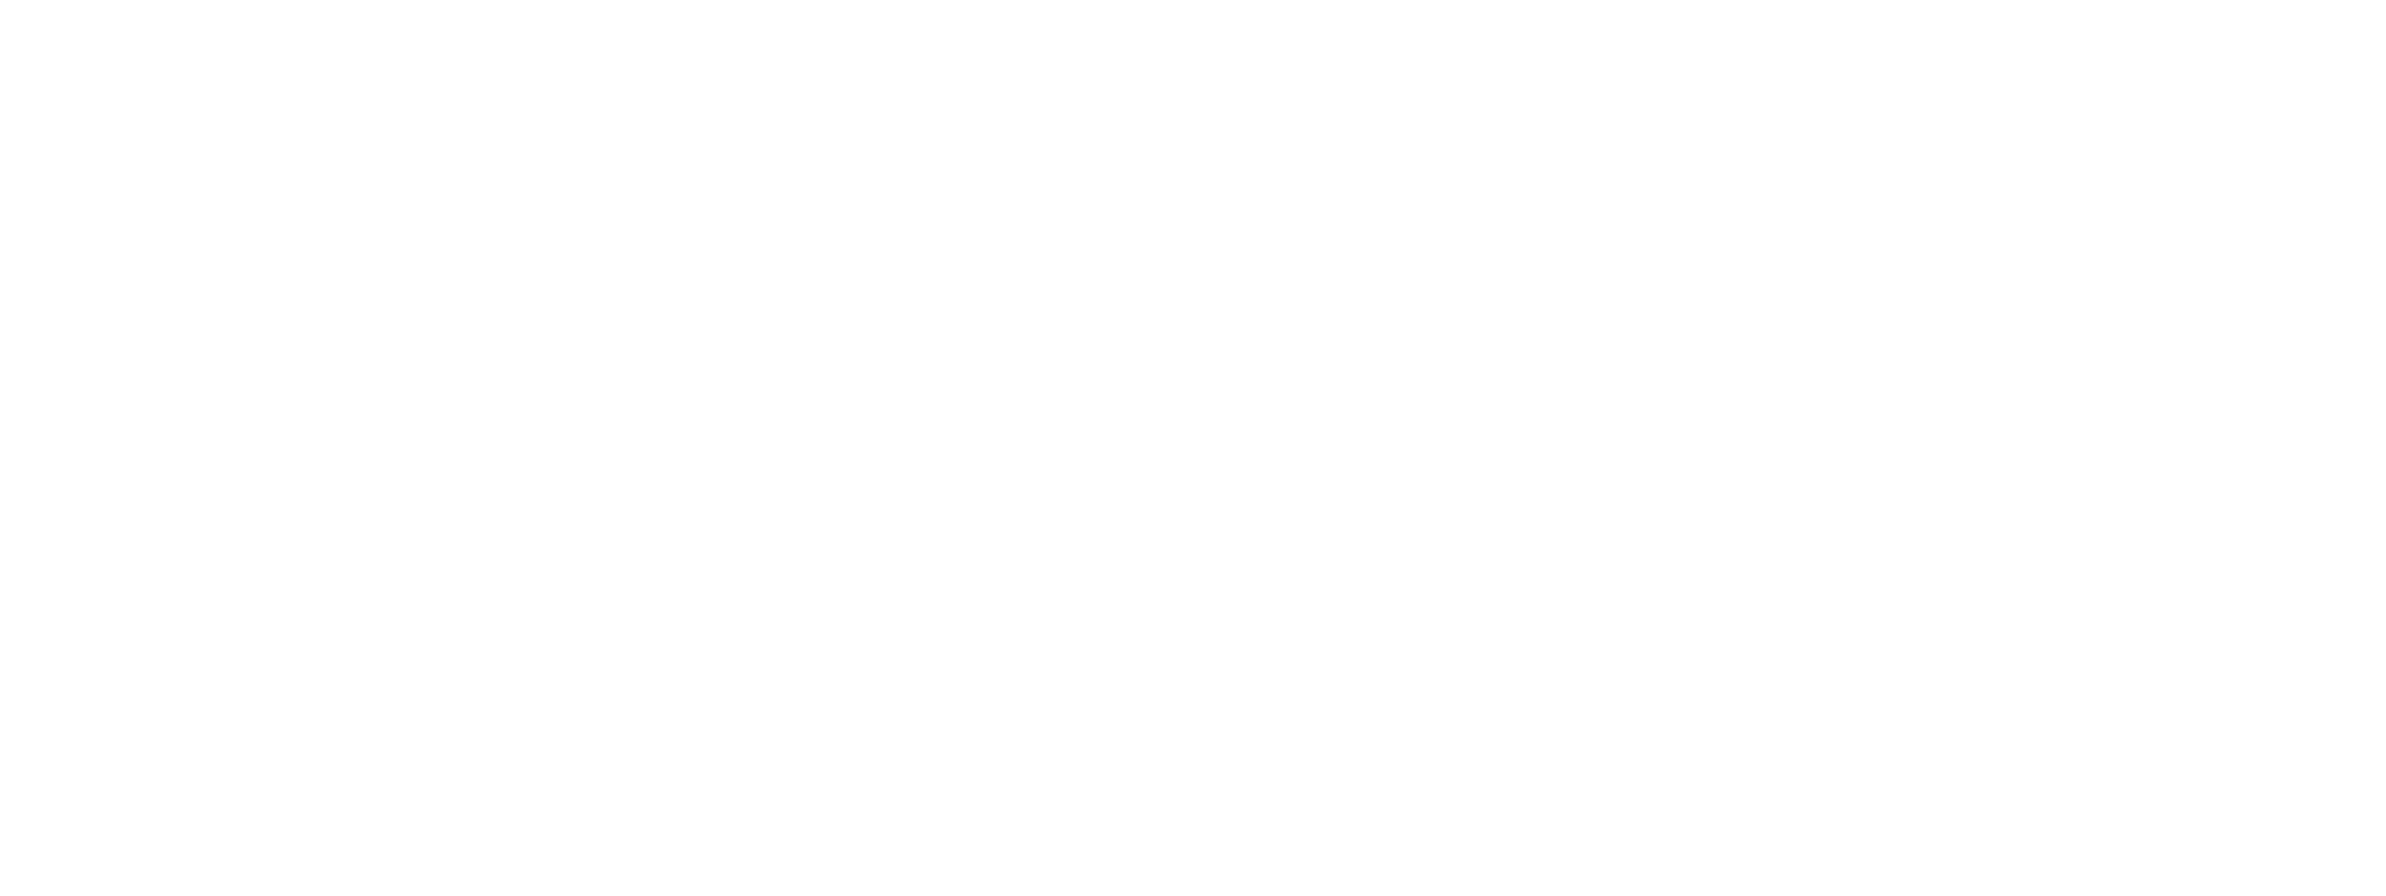 Plevoets - Renard: duurzame conflictoplossingen